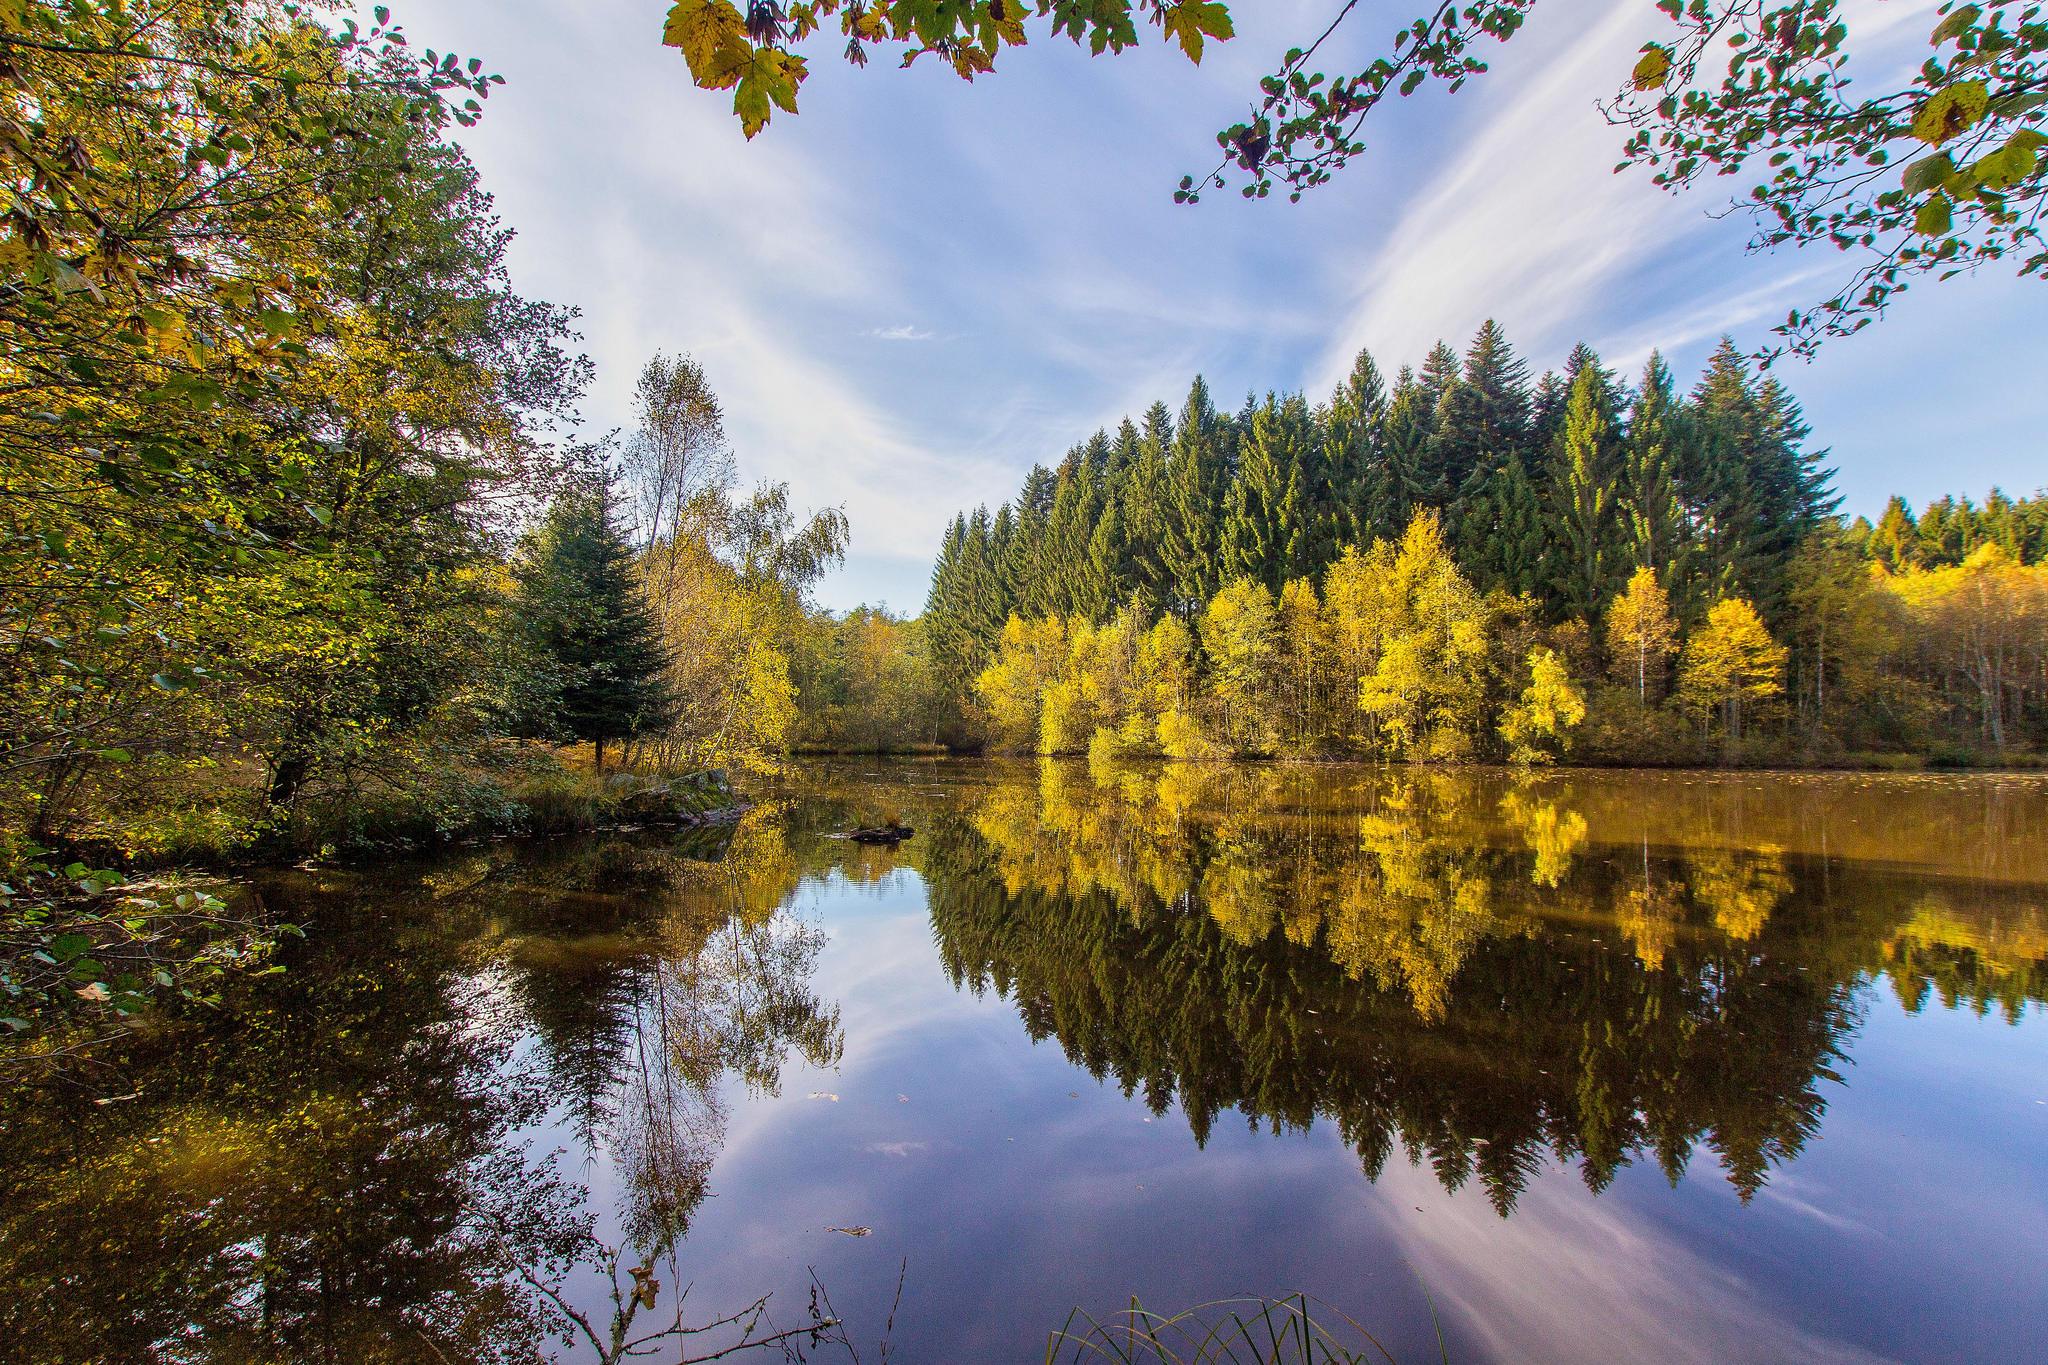 обои на рабочий стол осень природа река озеро лес № 241657 бесплатно